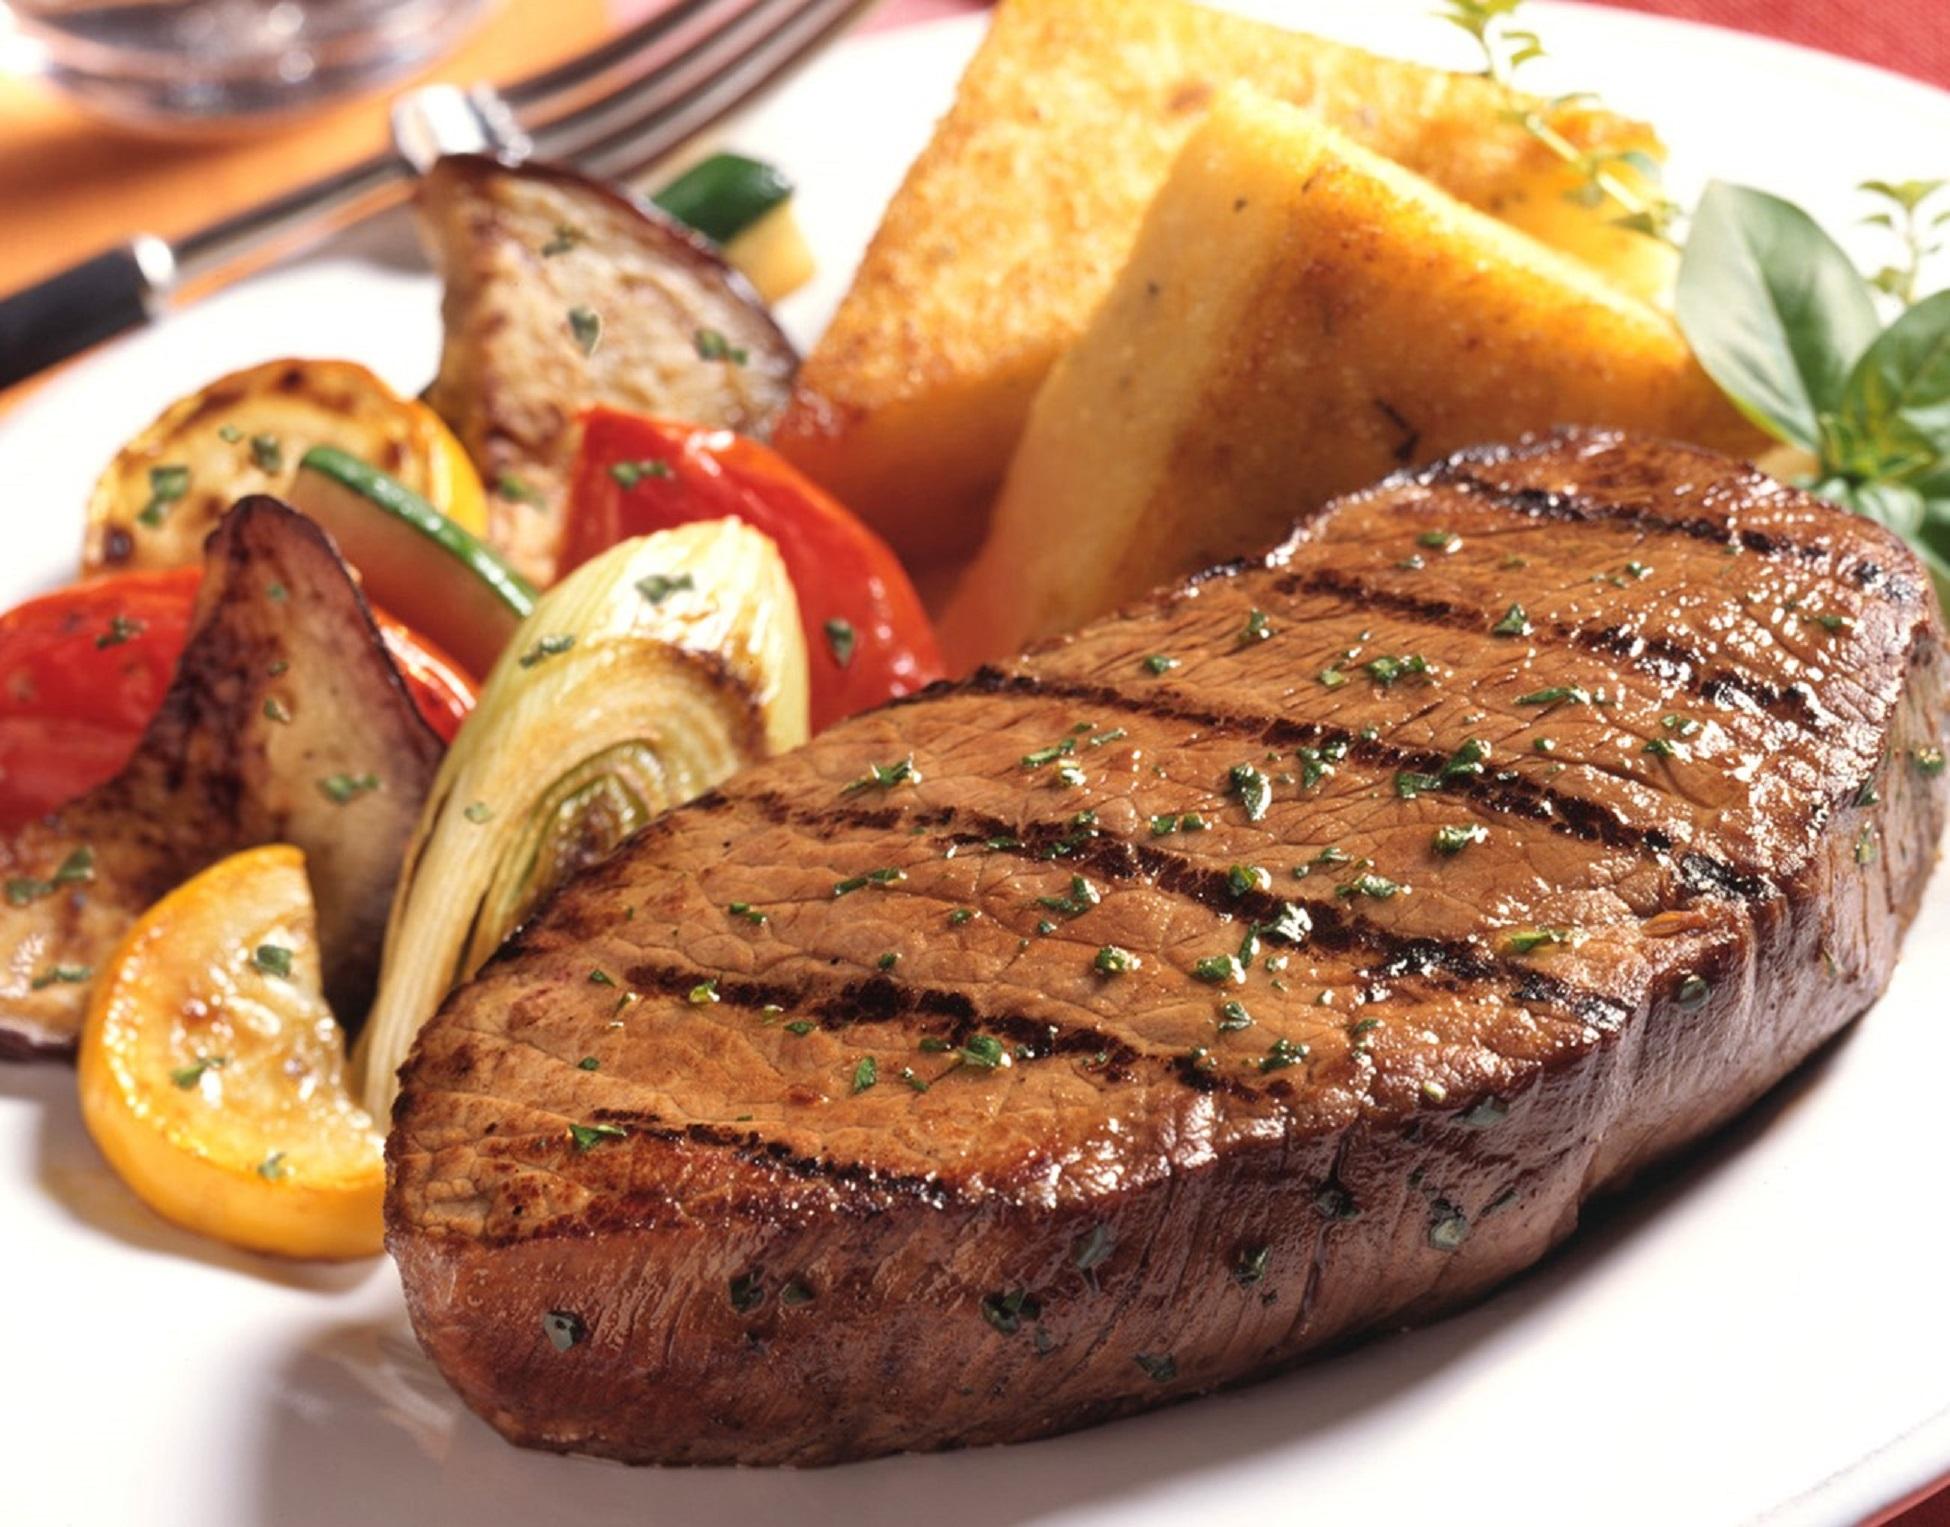 Kırmızı Et Yemek Meme Kanseri Riskini Arttırır mı?